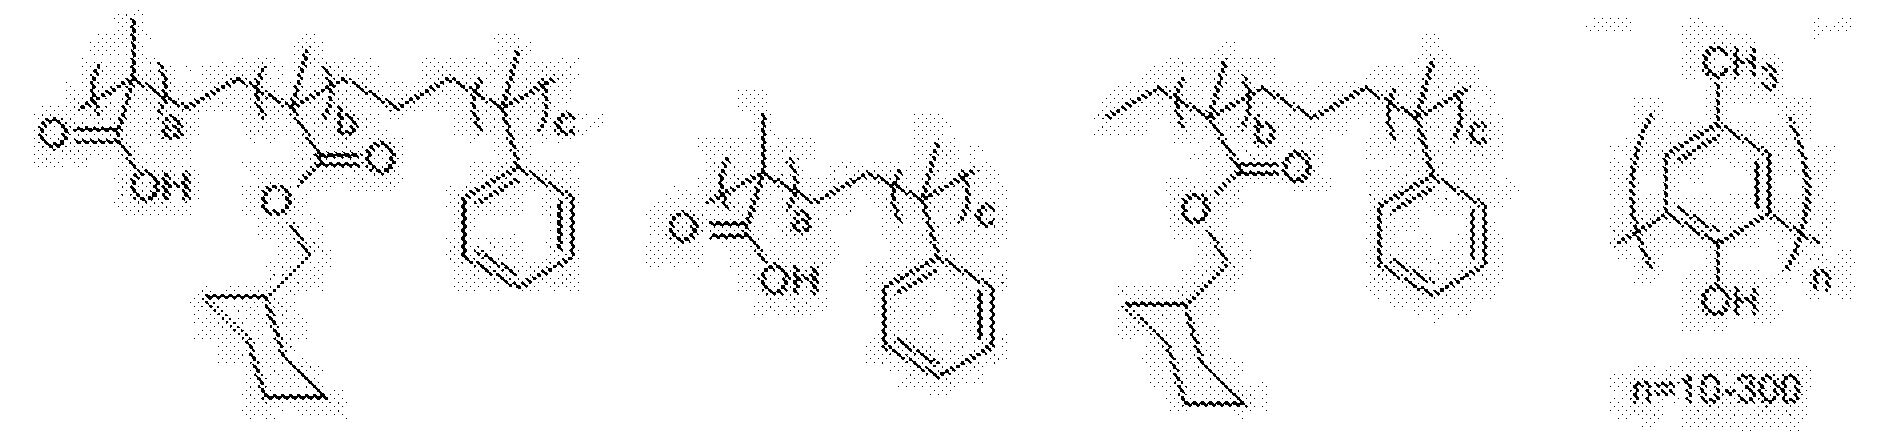 Figure CN103226260BD00091